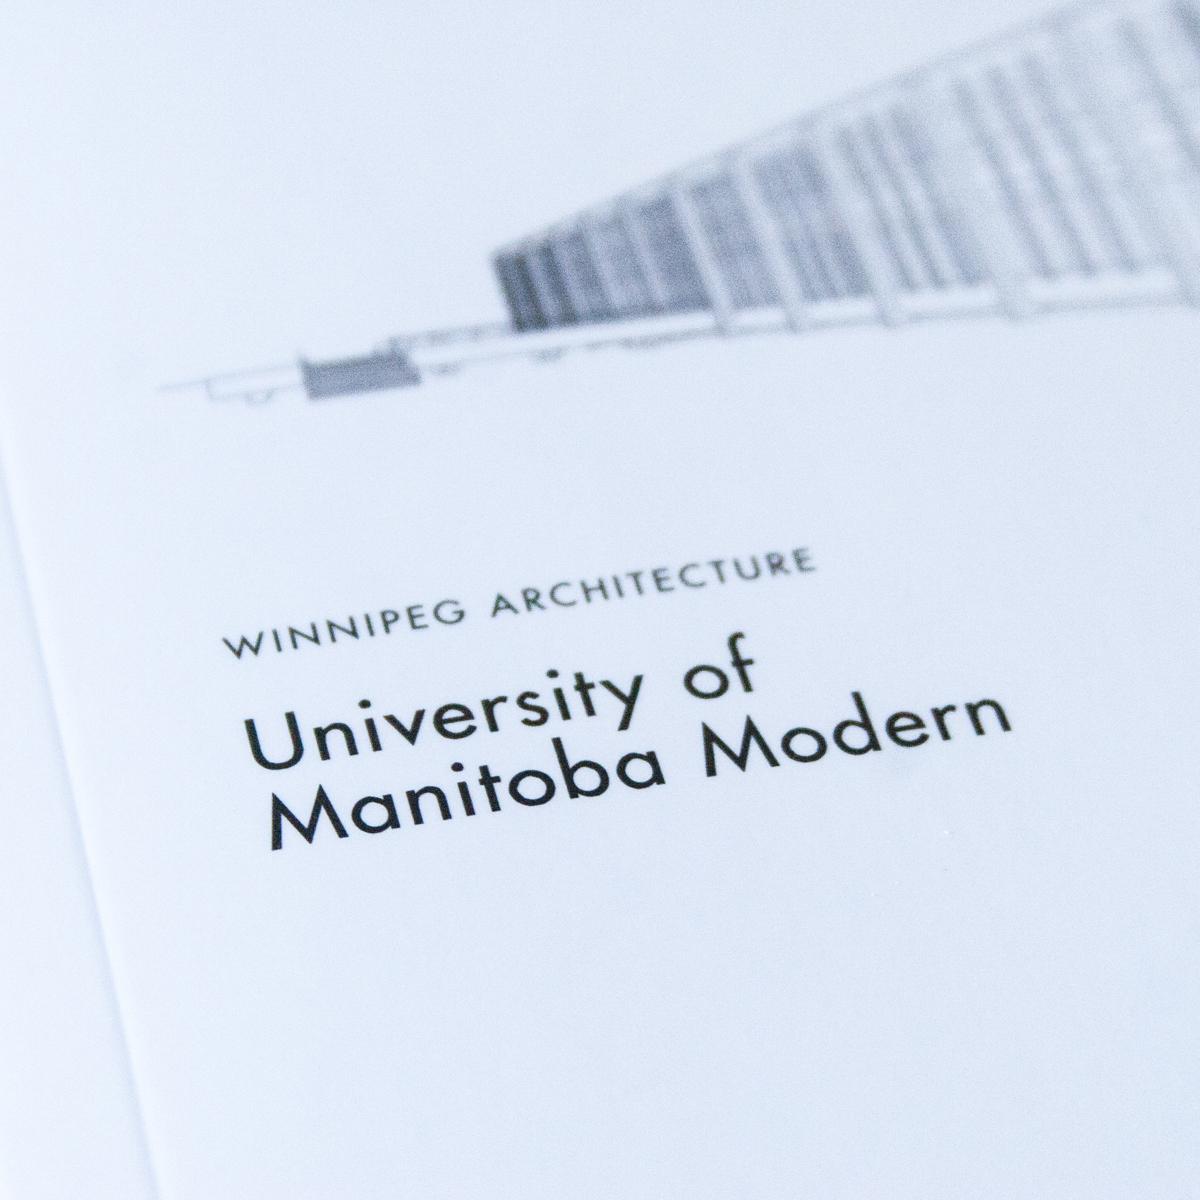 University of Manitoba Modern